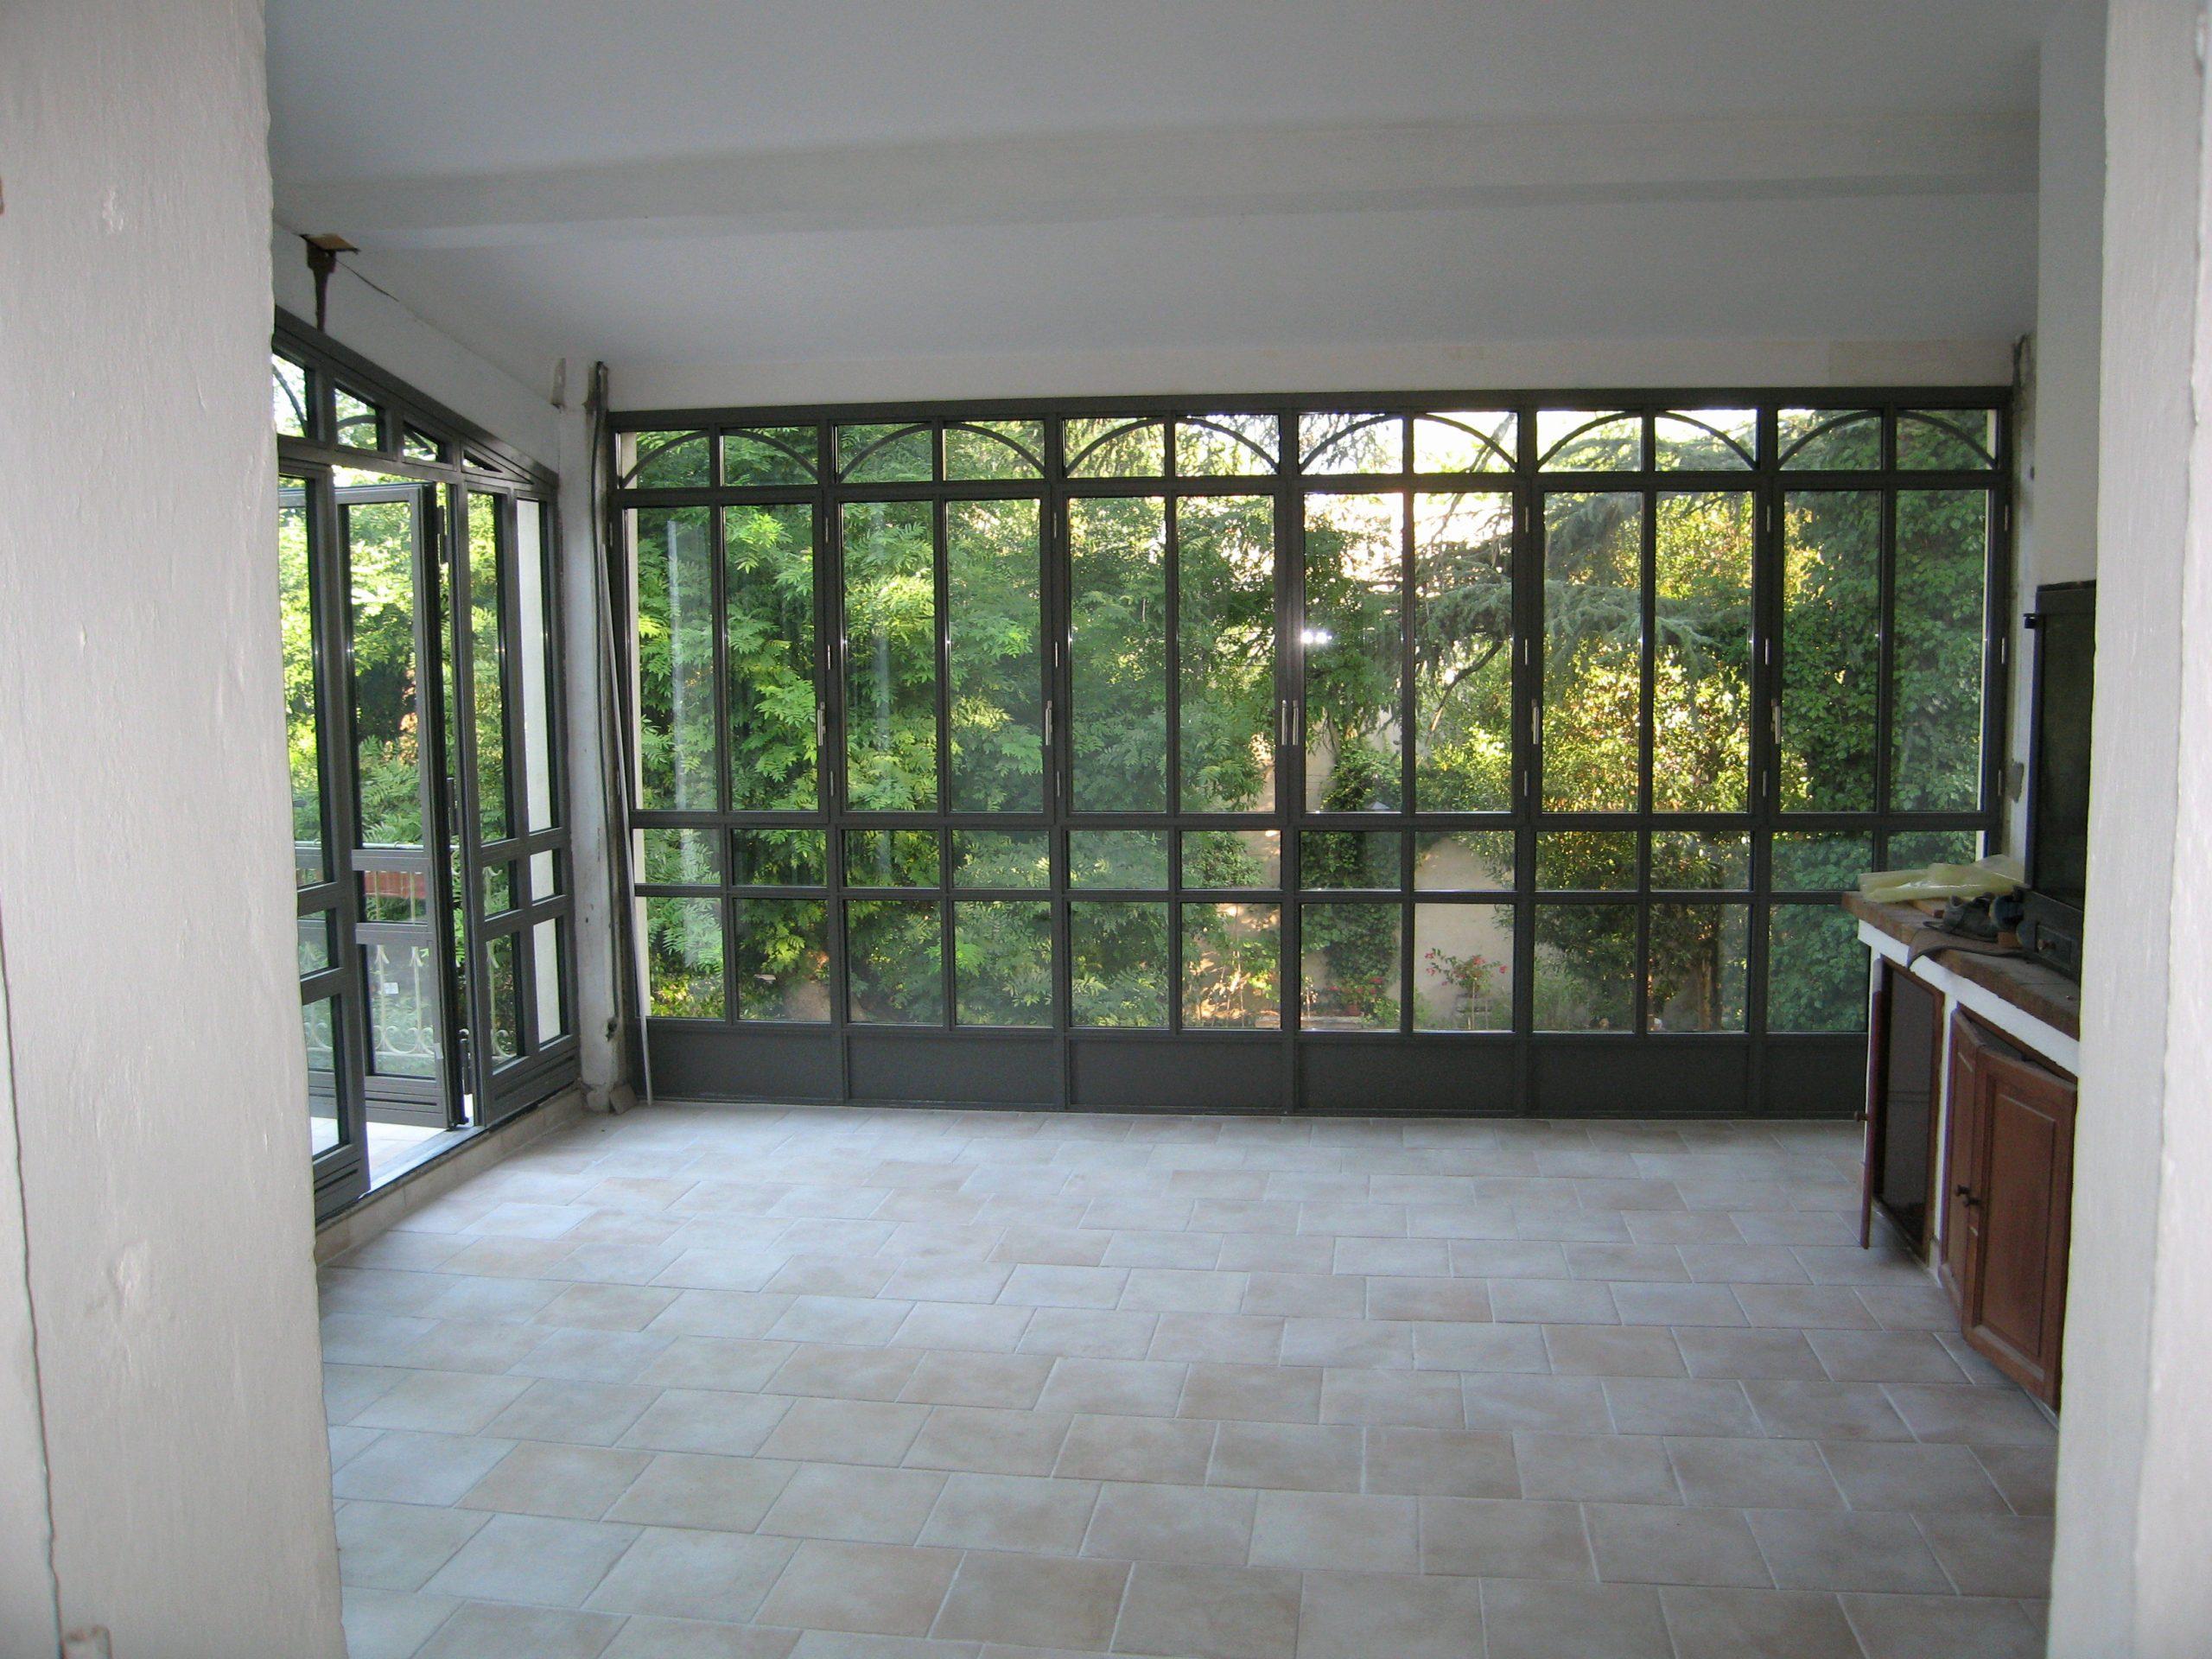 Fermer Une Terrasse Couverte Nouveau Salon De Jardin Bambou ... dedans Photo Fermer Une Terrasse Couverte